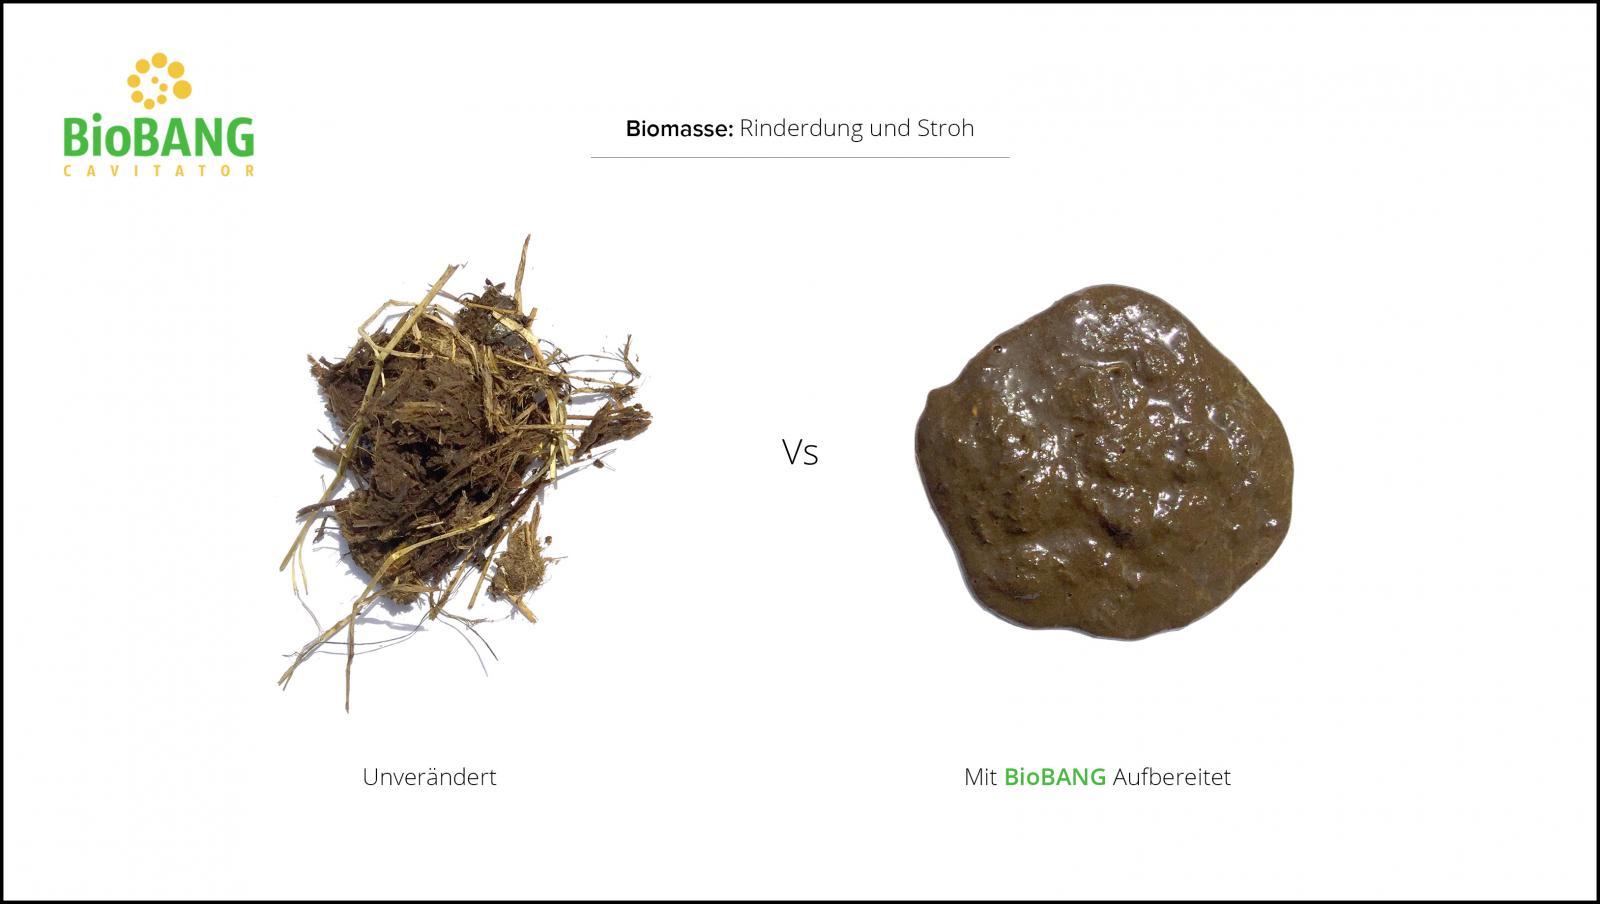 Behandlung_von_Biomasse_rinderdung_und_stroh